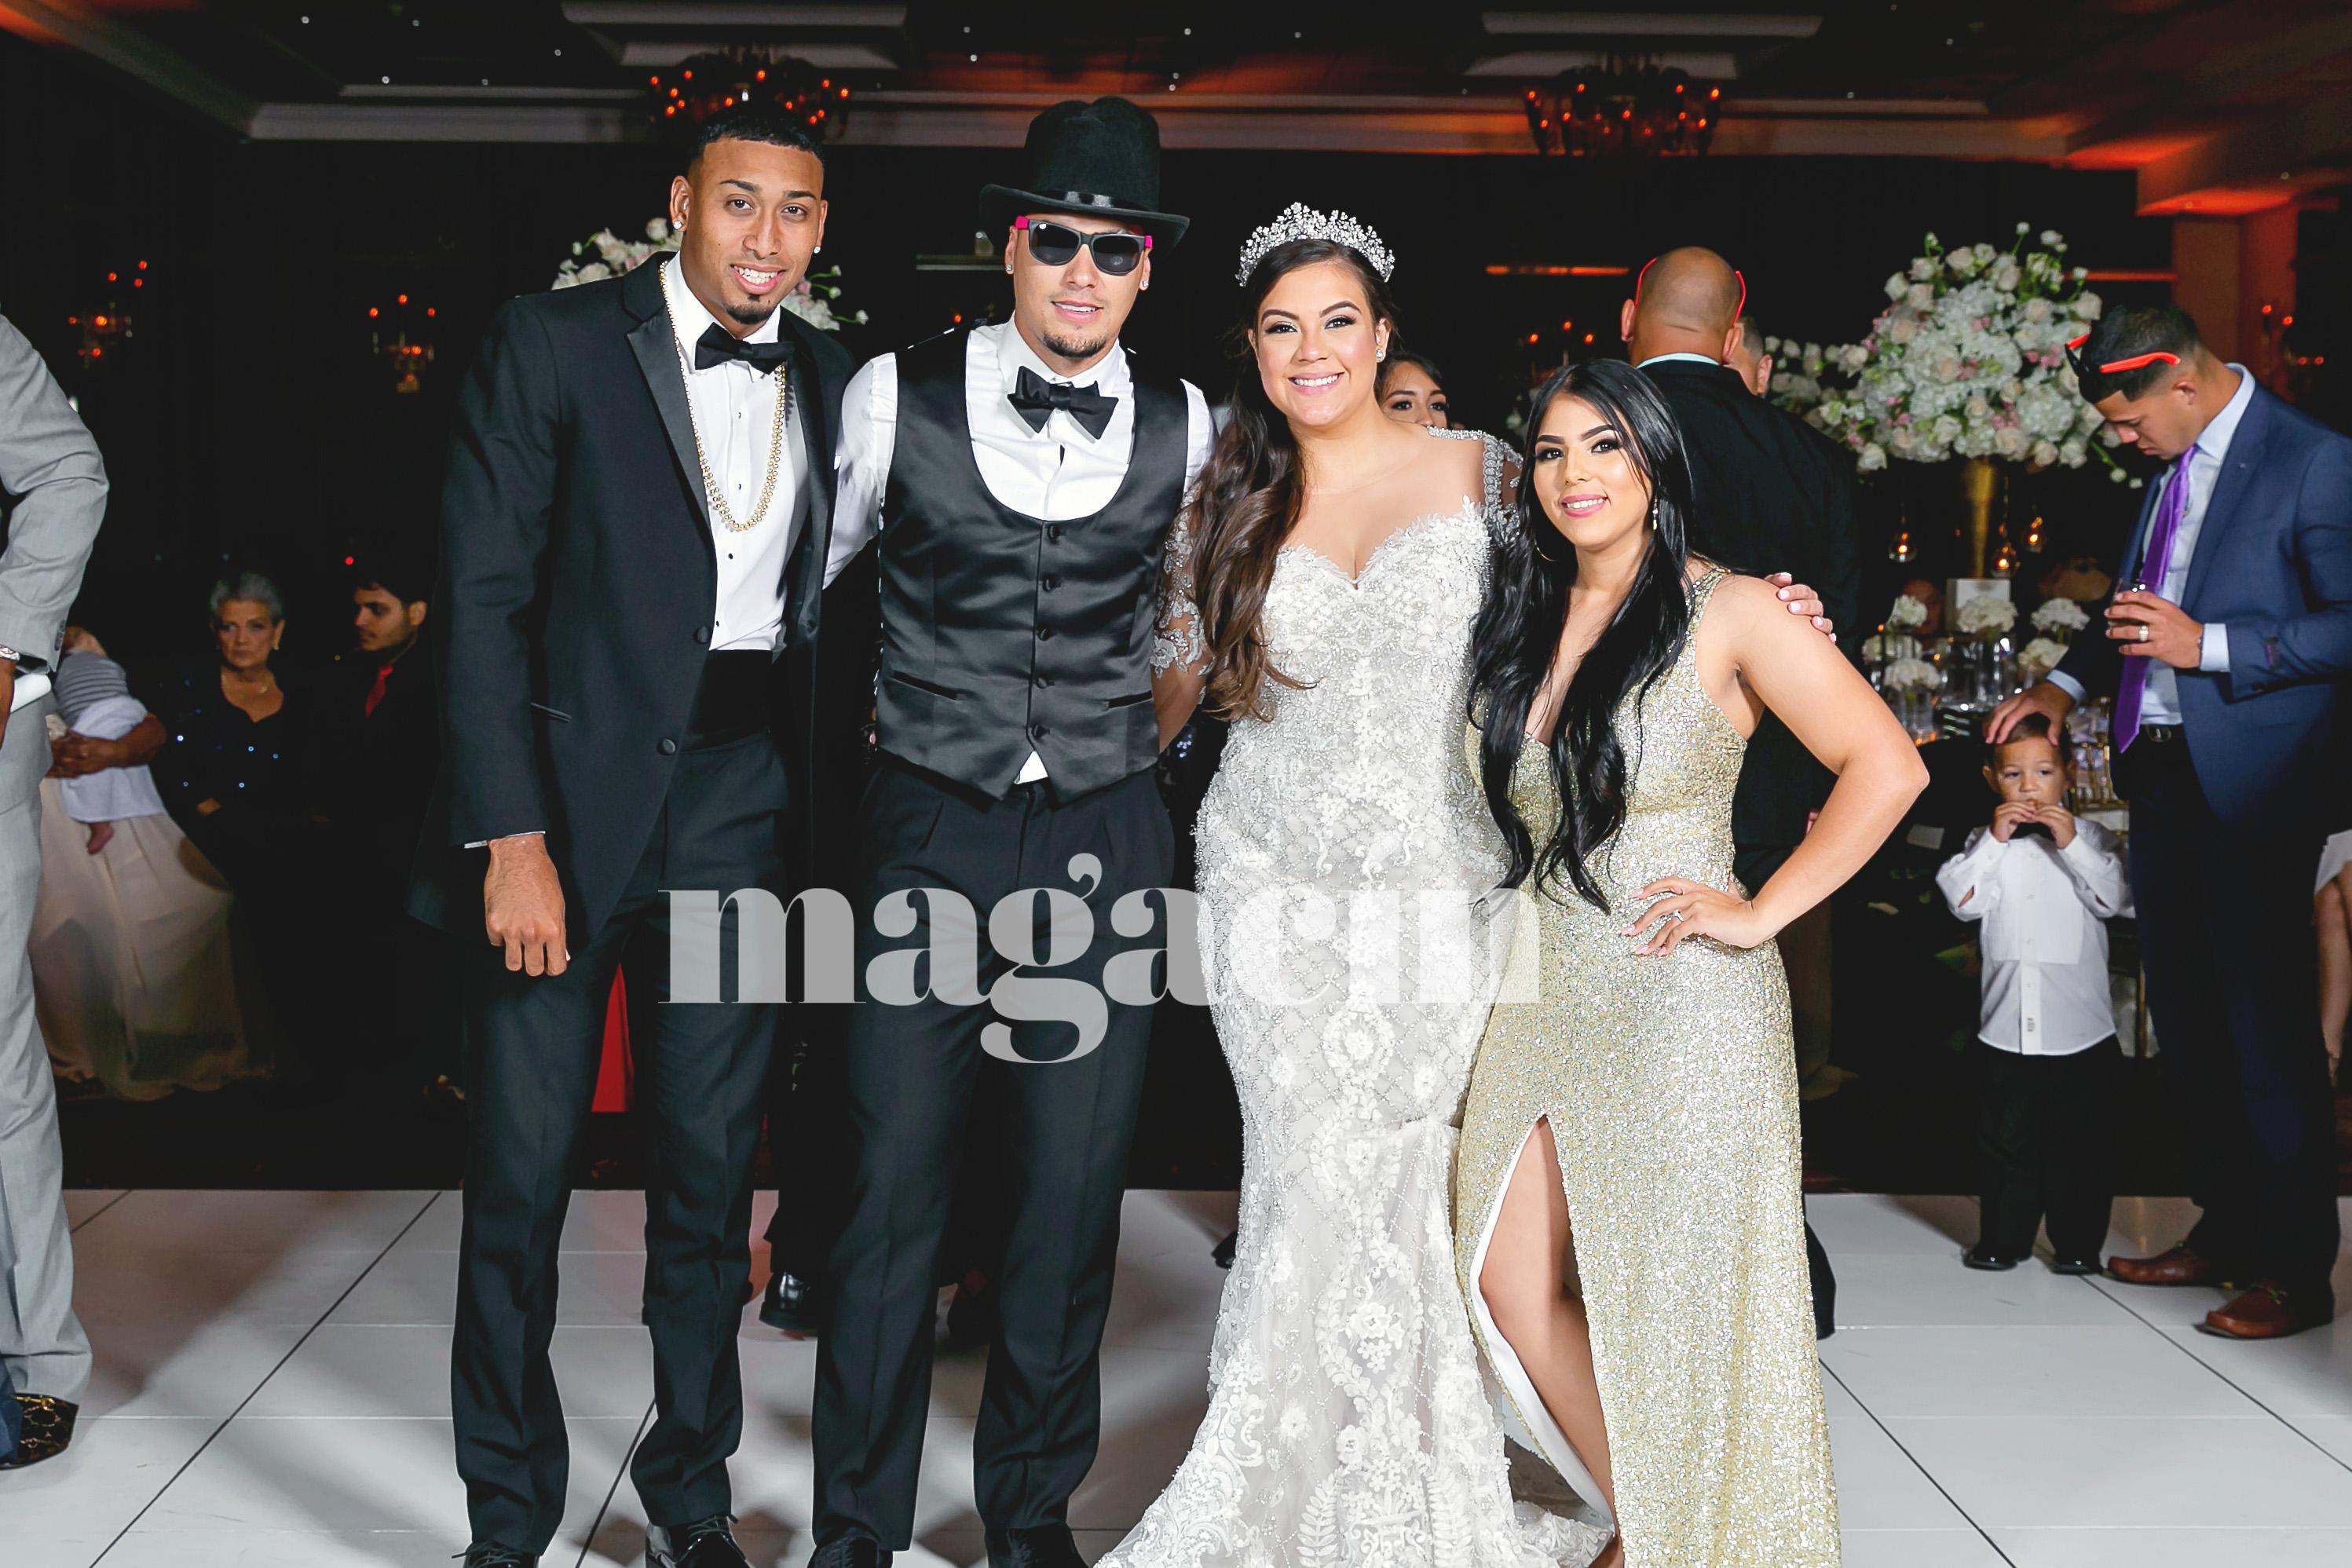 Los recién casados posan con el lanzador Sugar Díaz y su esposa Nashaly Mercado.  (Suministrada/ Claudette Montero)